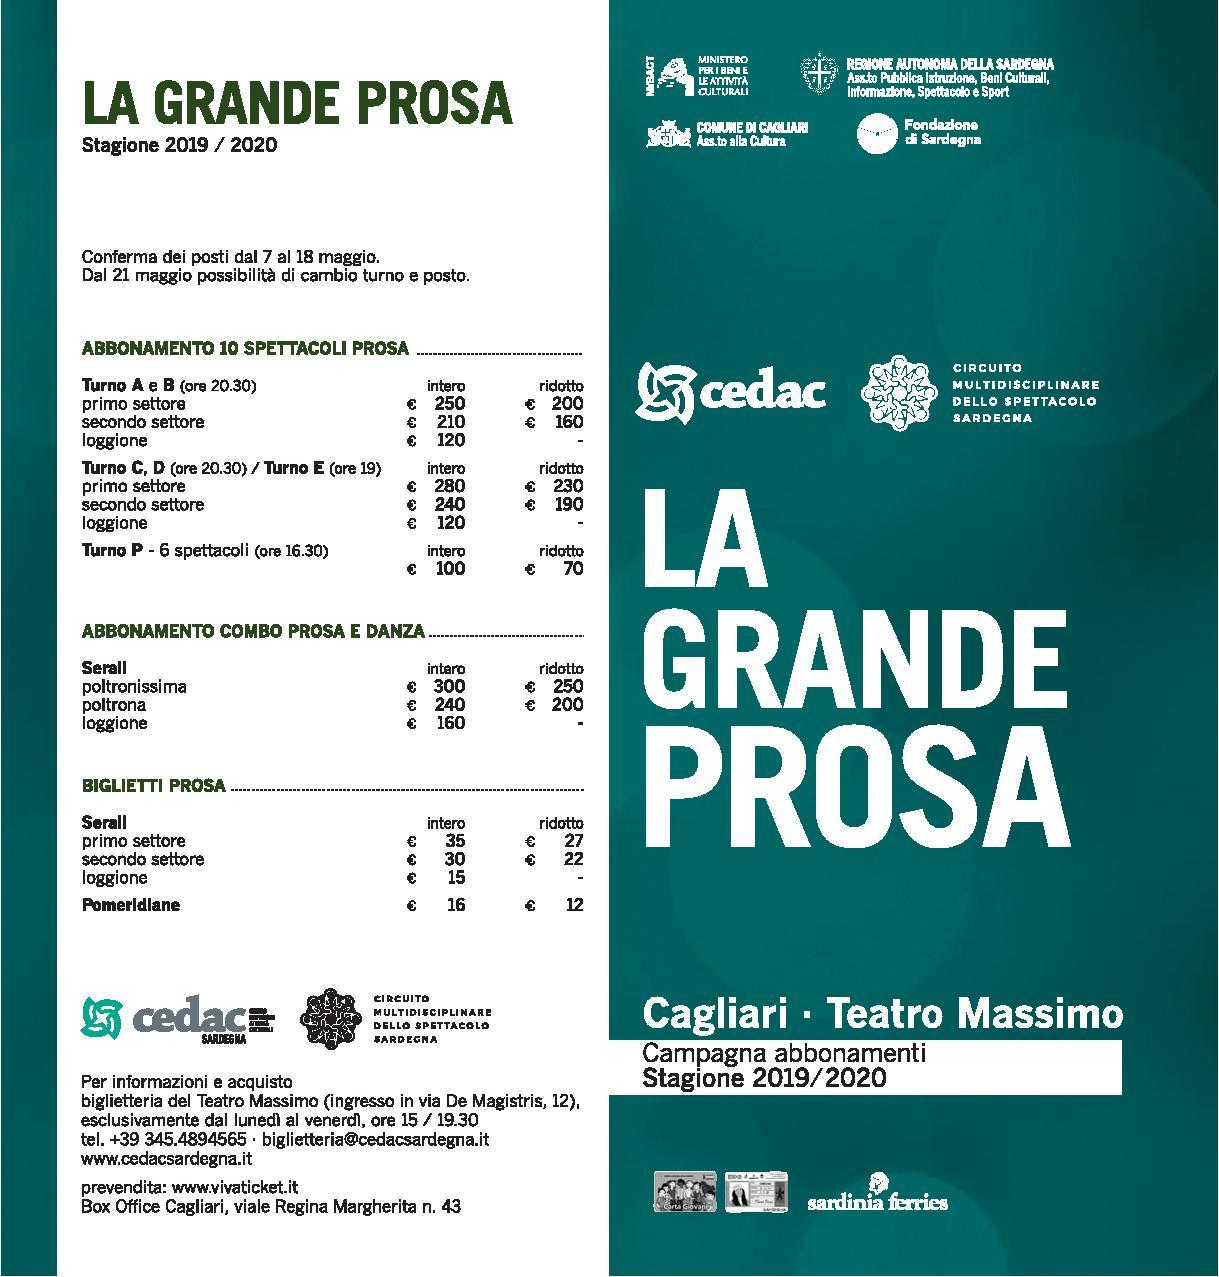 programma-stagione-Cagliari-2019-20-page-001